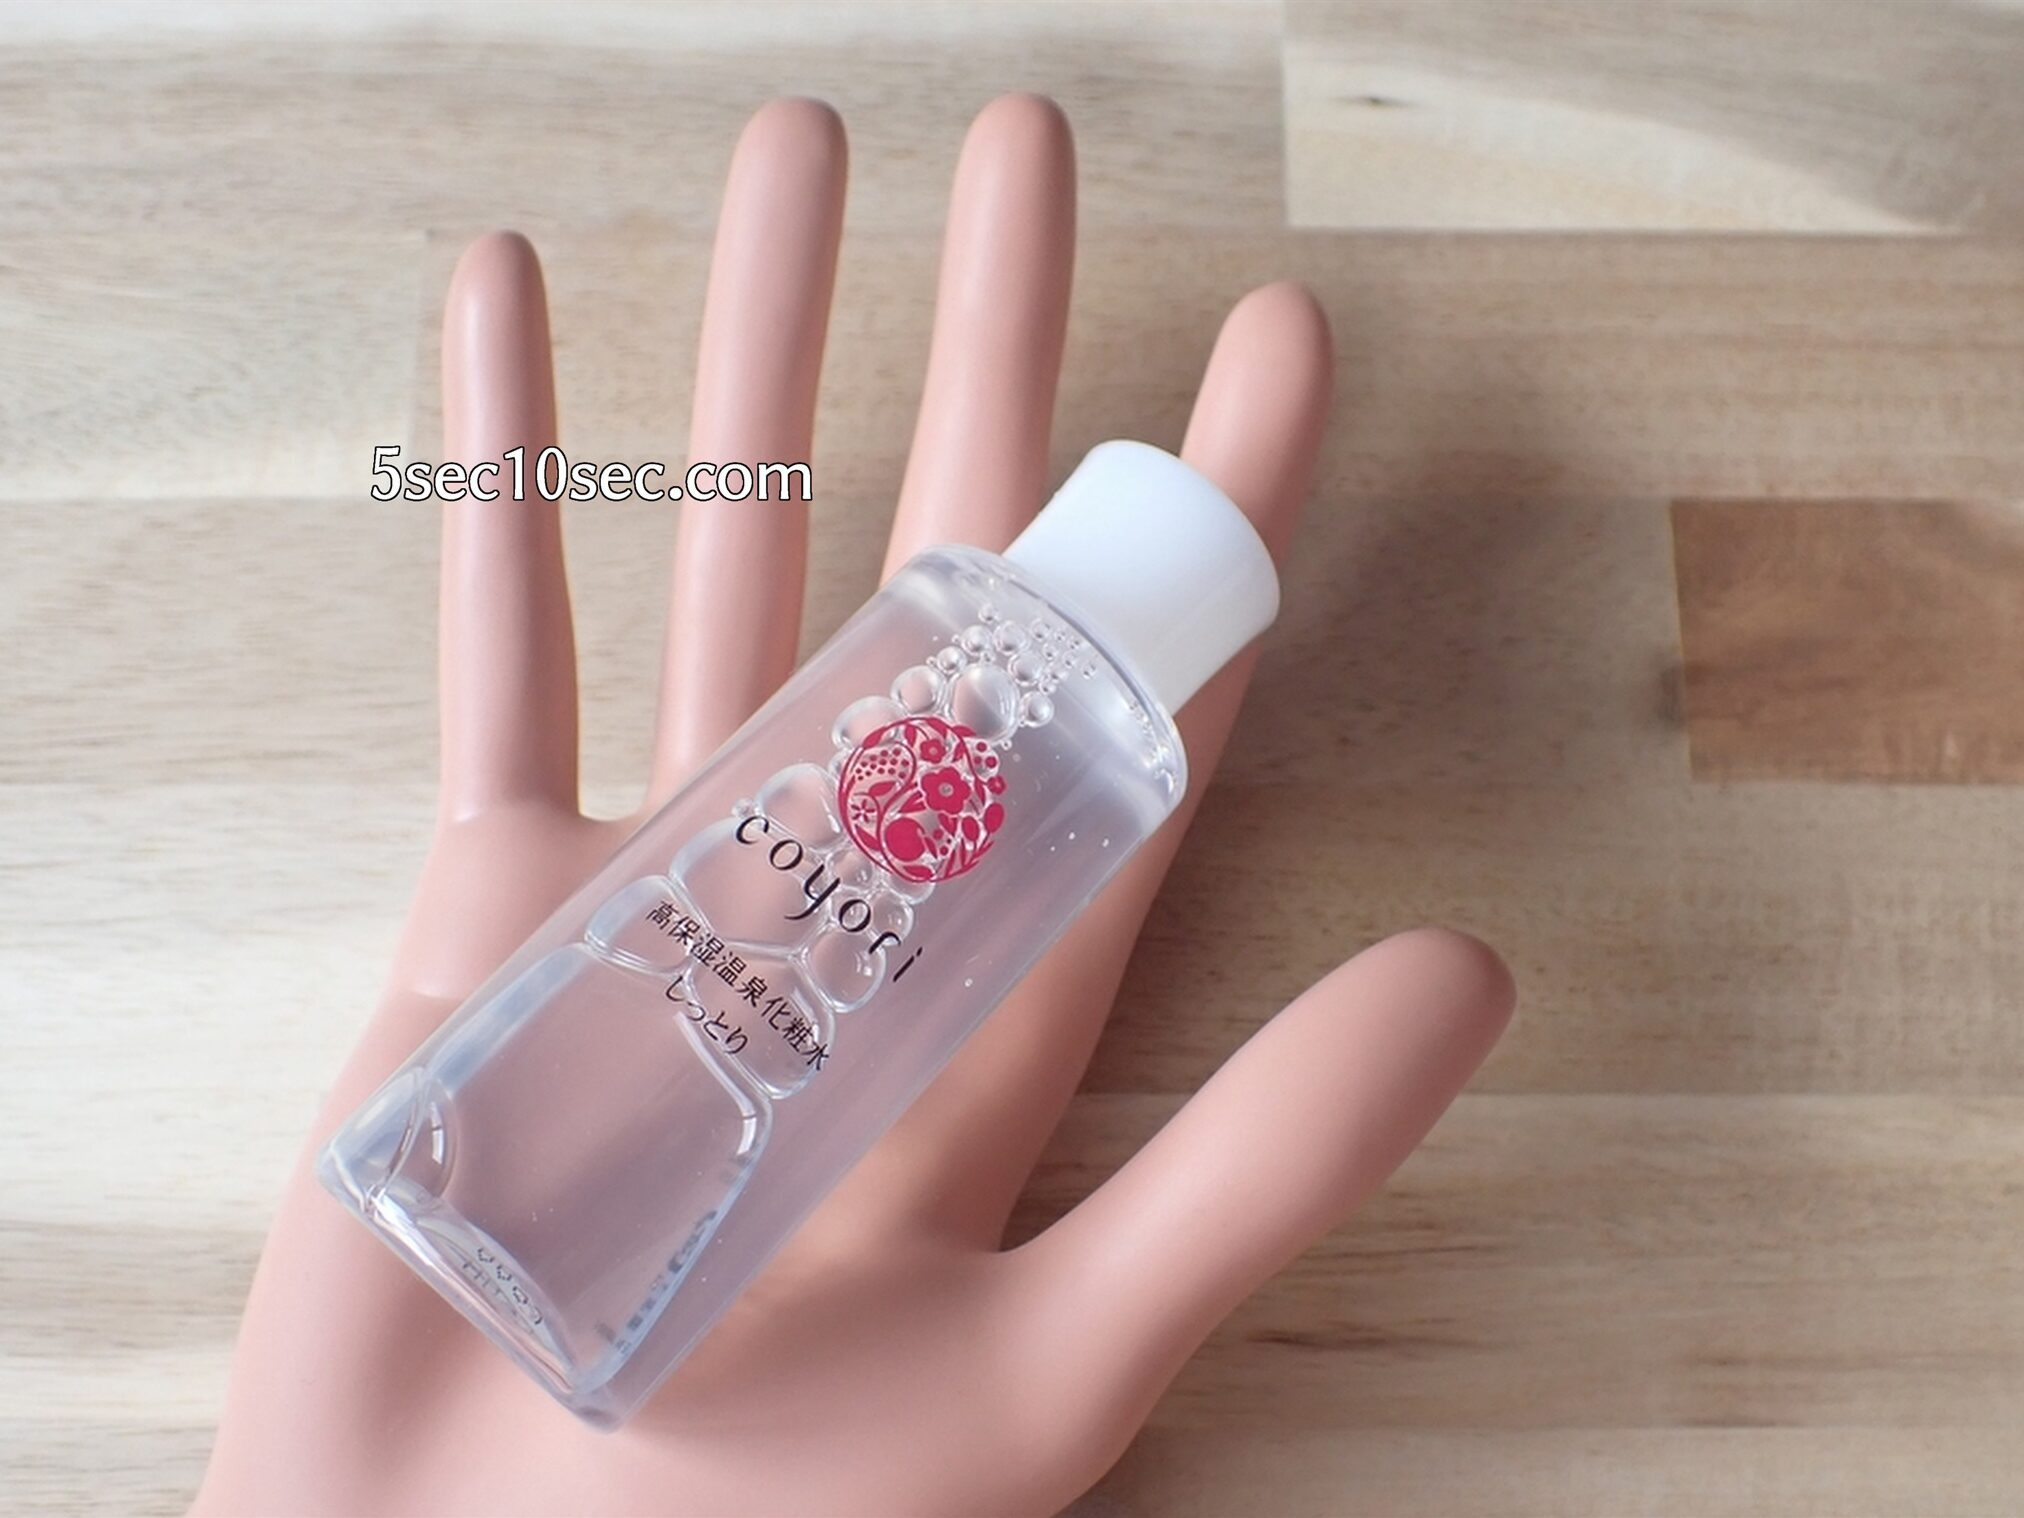 Coyoriトライアルセット 14日間ハリツヤ体験セット 株式会社JIMOS 高保湿温泉化粧水しっとり50mlは手に持つとこのくらいのサイズ感です